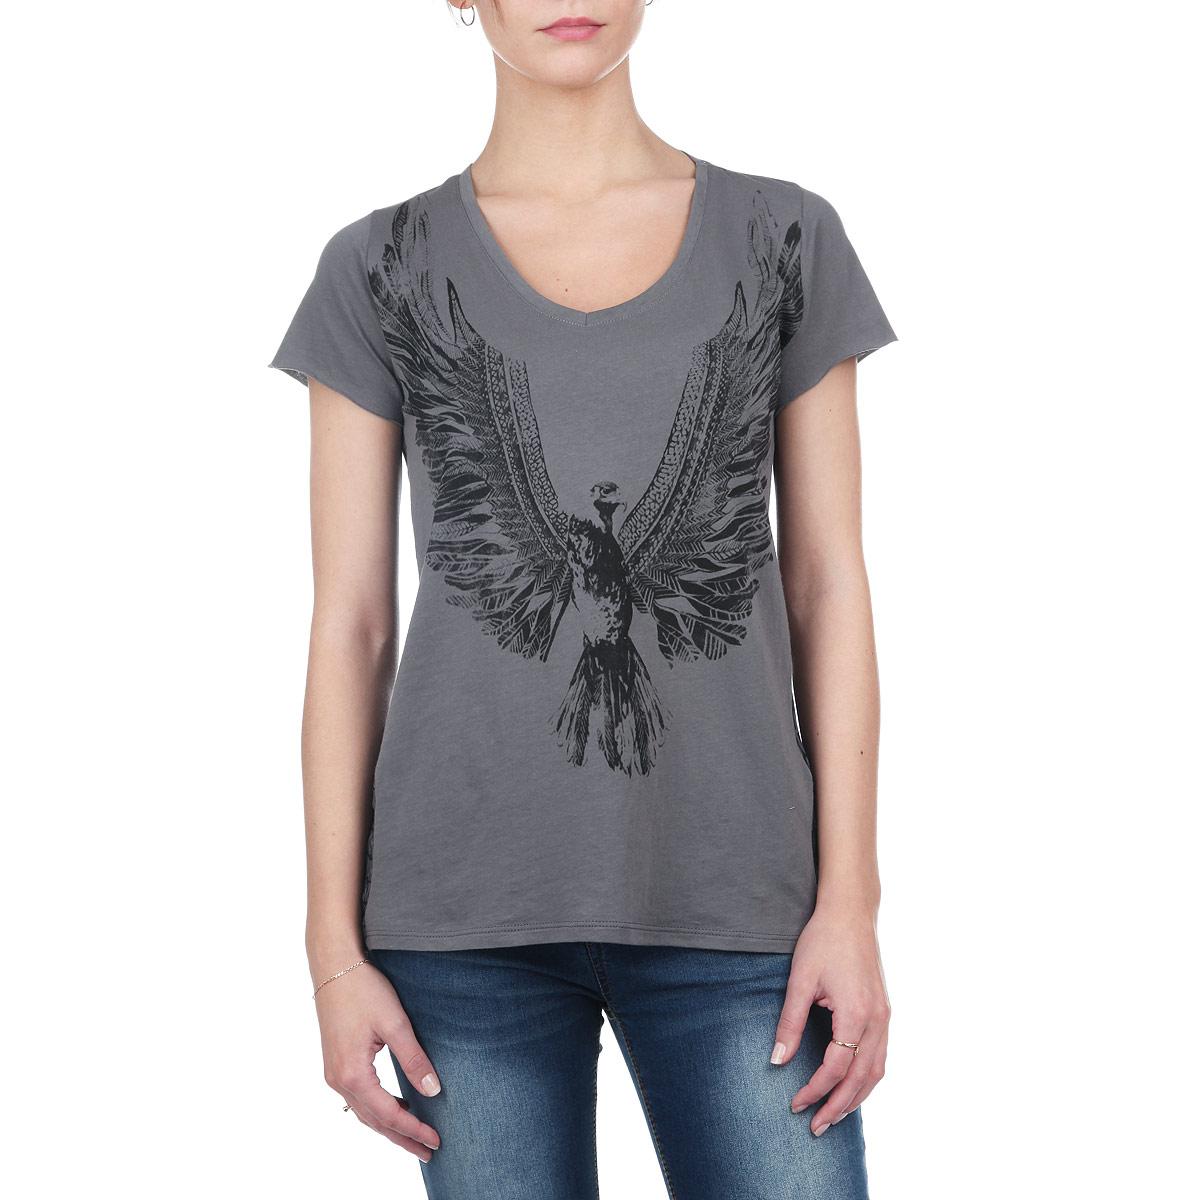 Футболка женская. 6010166660101666 001Стильная женская футболка Broadway, выполненная из высококачественного материала, обладает высокой теплопроводностью, воздухопроницаемостью и гигроскопичностью, позволяет коже дышать. Перед изделия изготовлен из тонкого хлопка, спинка - из полупрозрачного полиэстера. Модель с короткими рукавами и V-образным вырезом горловины - идеальный вариант для создания образа в стиле Casual. Футболка спереди оформлена принтом в виде птицы, на спинке - абстрактным орнаментом. Спинка модели удлиненная. Такая модель подарит вам комфорт в течение всего дня и послужит замечательным дополнением к вашему гардеробу.